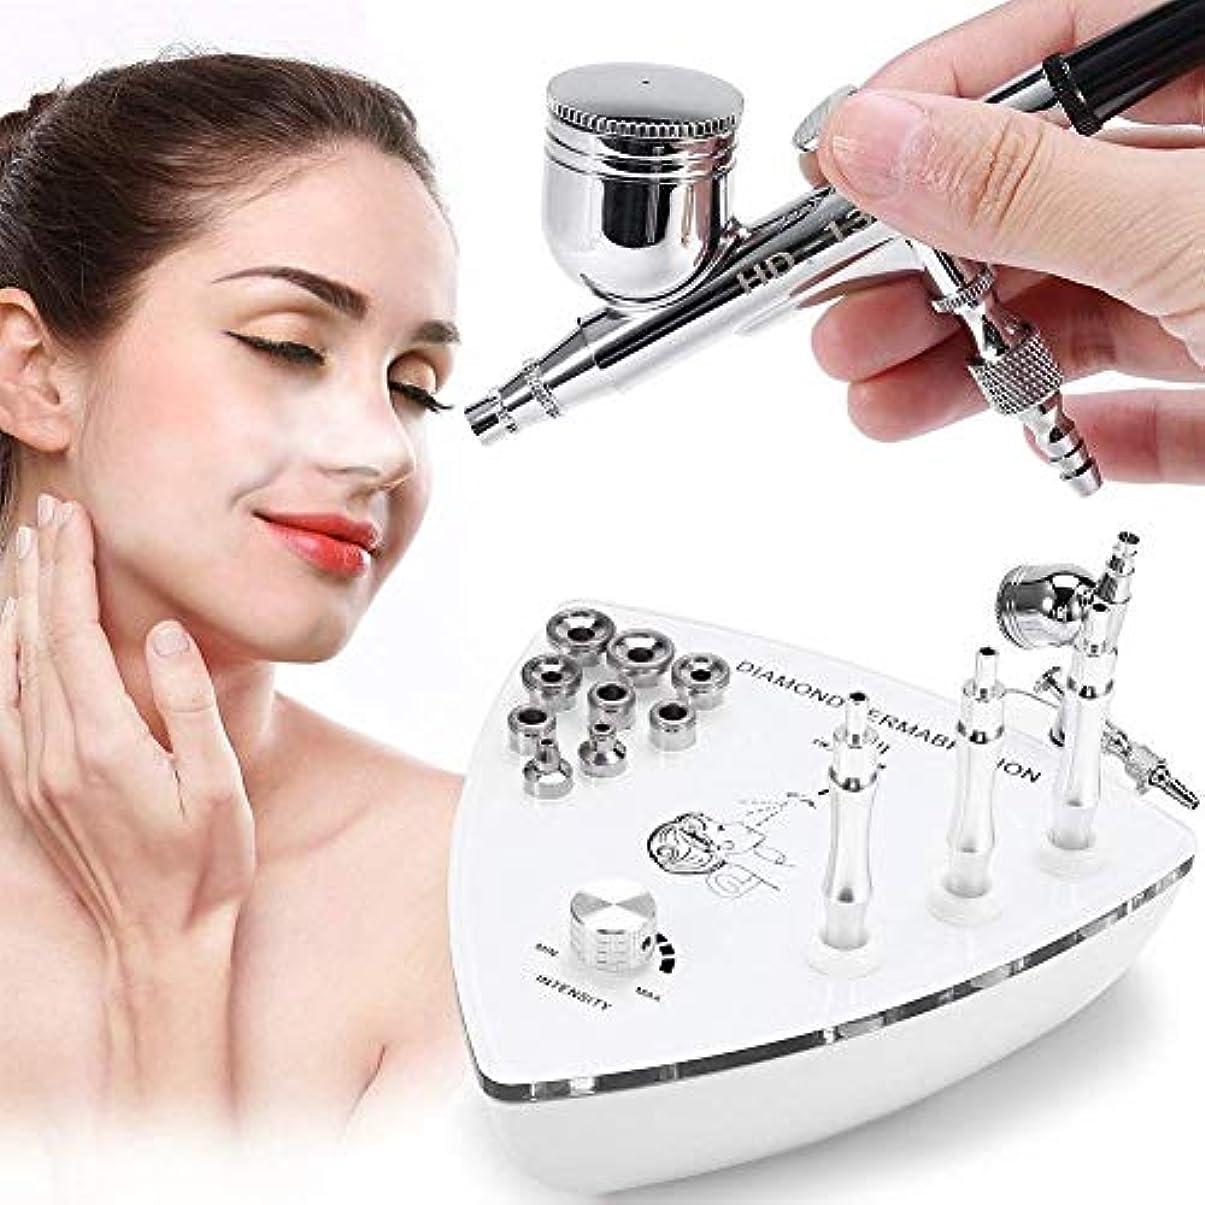 重々しいアンテナ請求書専門のダイヤモンドのMicrodermabrasion Dermabrasion機械、顔の心配の皮装置水スプレーのしわの取り外しの皮のきつく締まる剥離のための家の使用のための装置